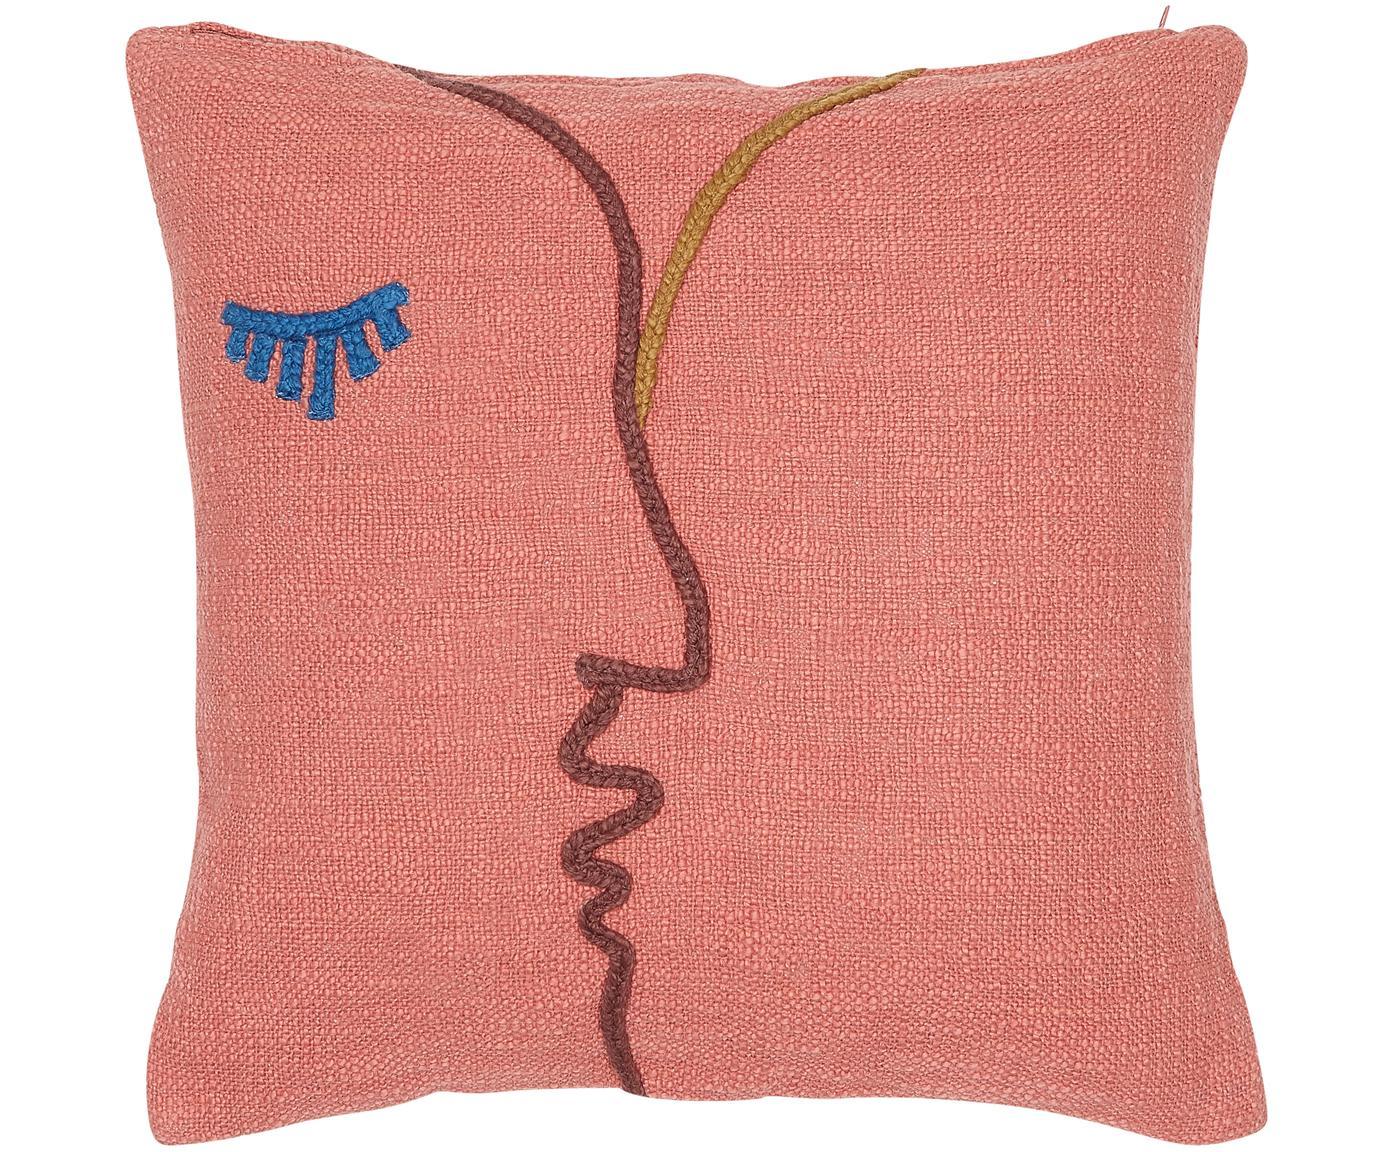 Haftowana poszewka na poduszkę z bawełny organicznej Faces, Bawełna organiczna, Koralowy, ciemny czerwony, niebieski, musztardowy, S 45 x D 45 cm